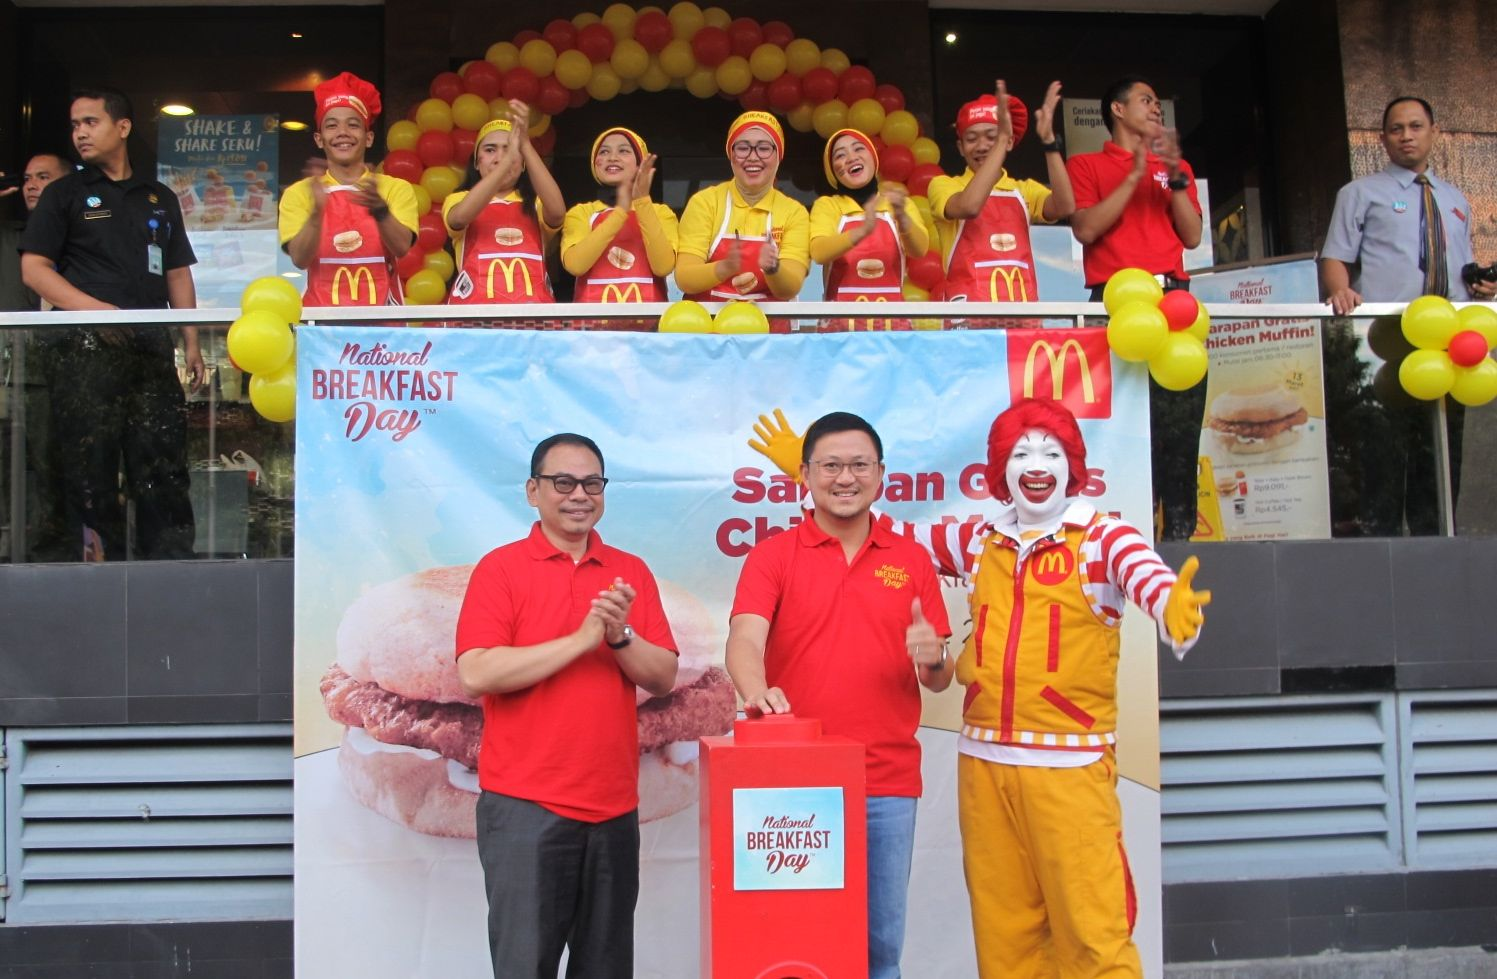 Sarapan gratis di McDonalds (provoke-online.com)